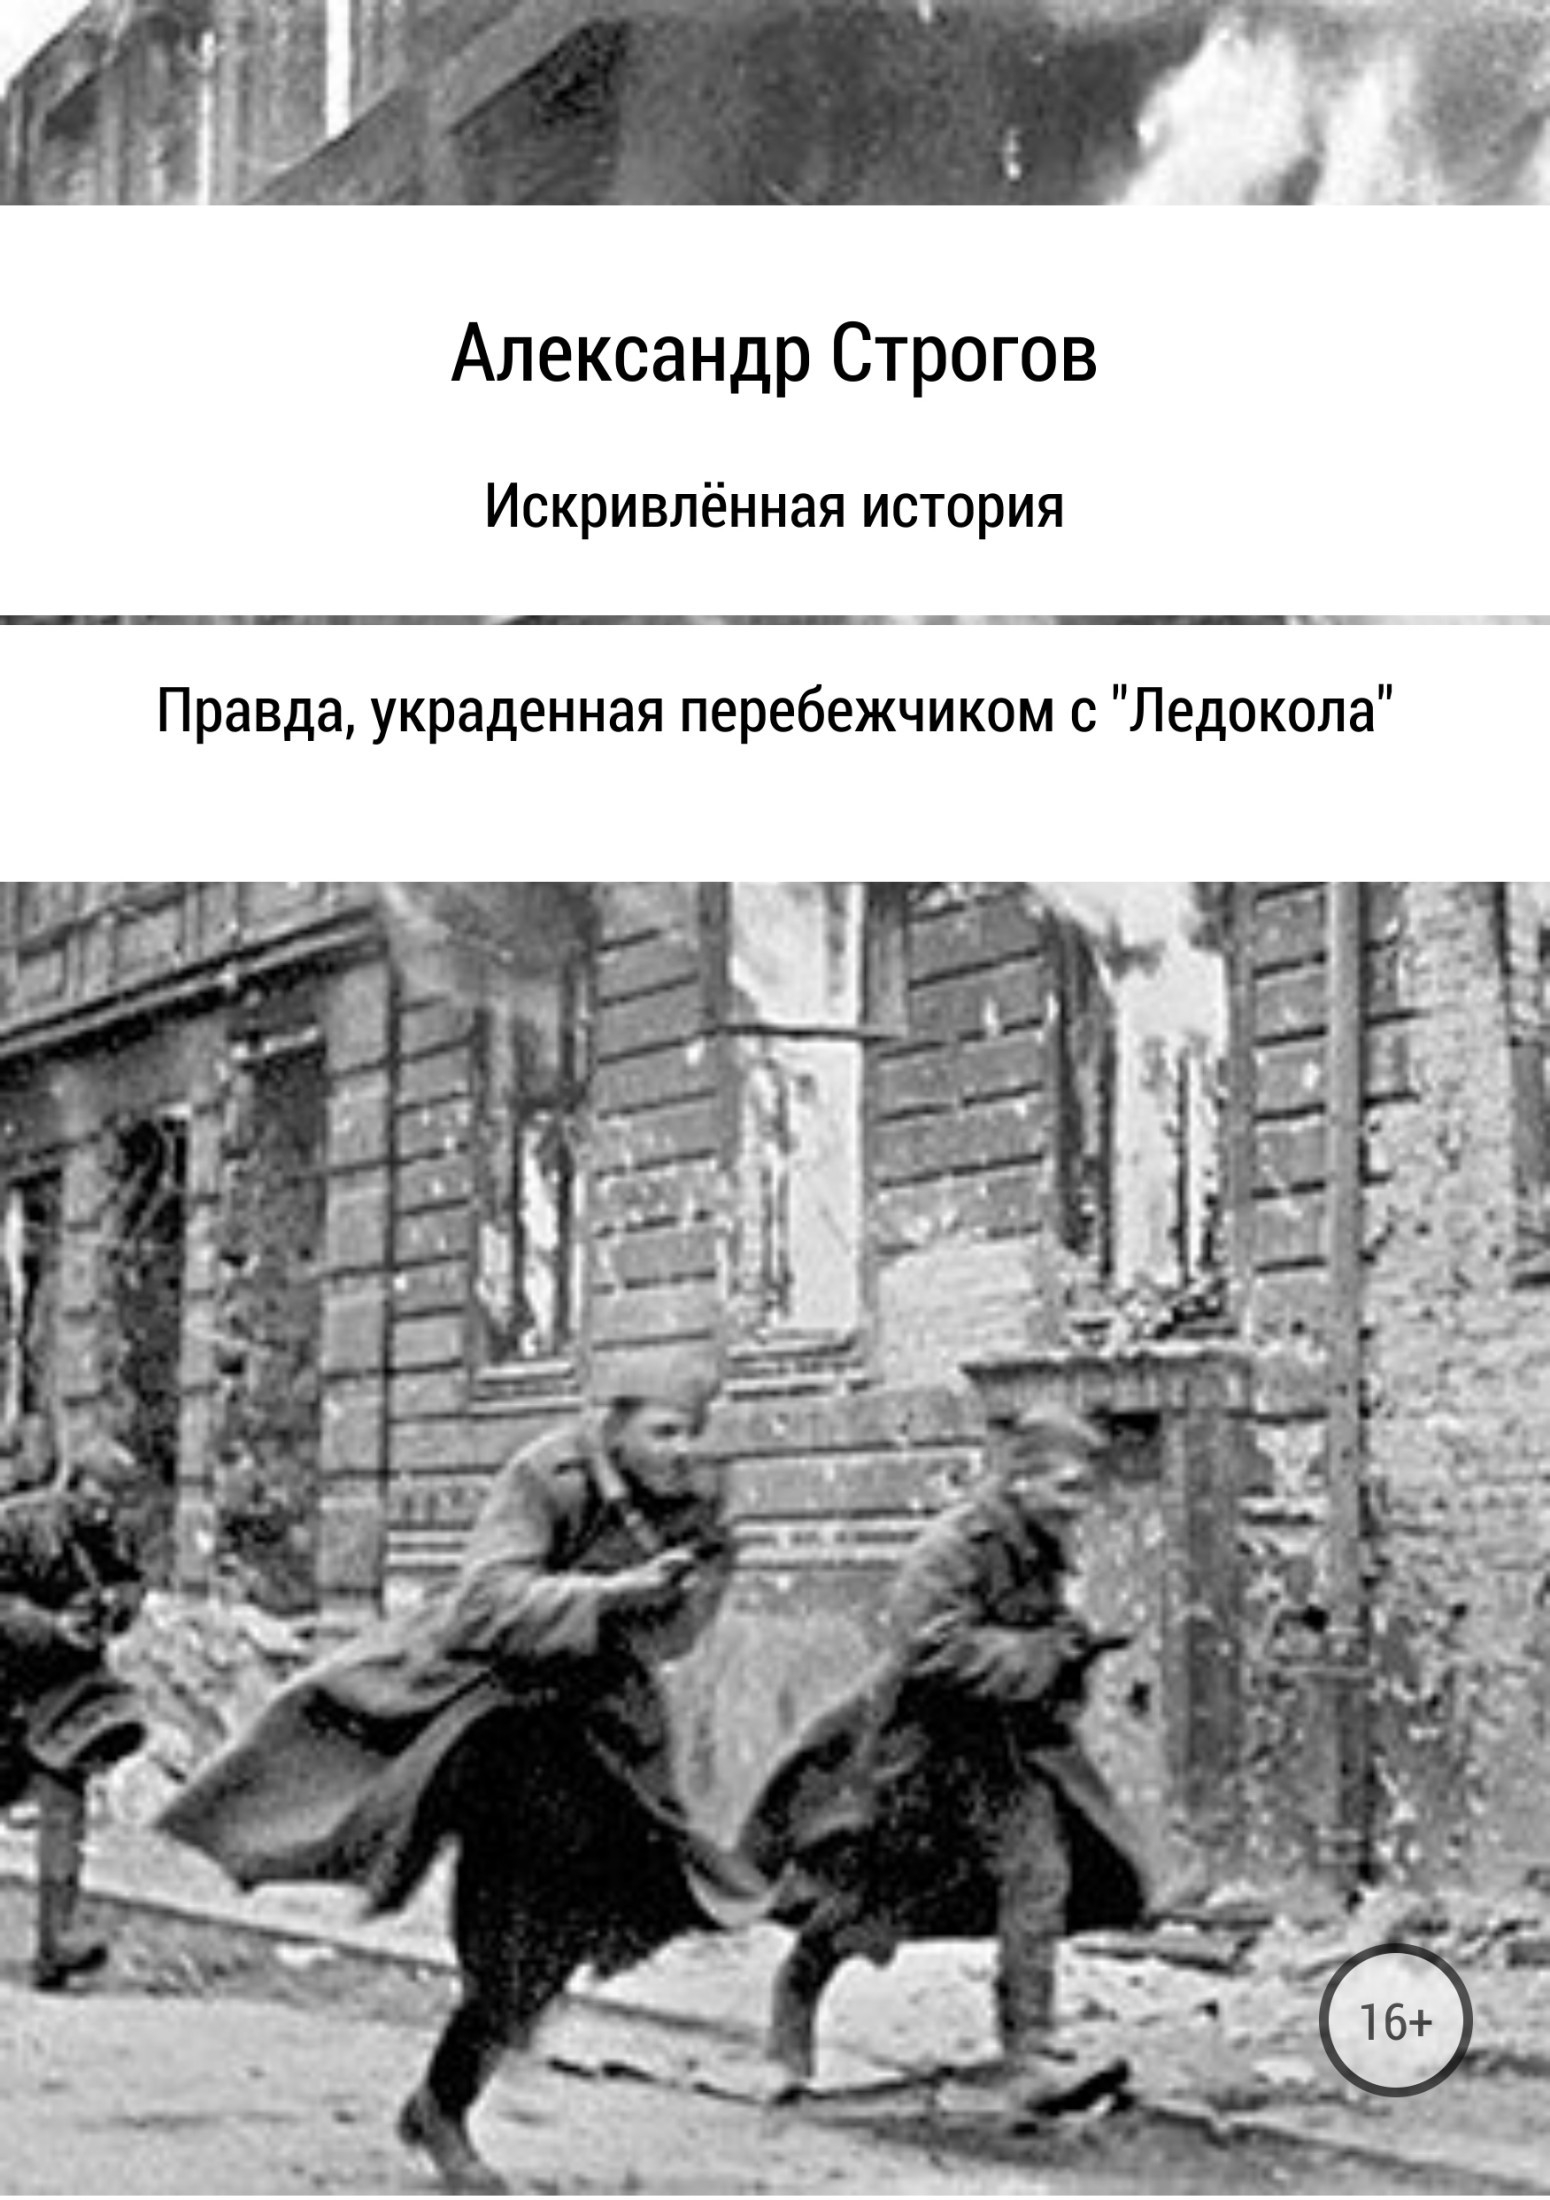 Александр Строгов Искривлённая история типпельскирх к история второй мировой войны блицкриг